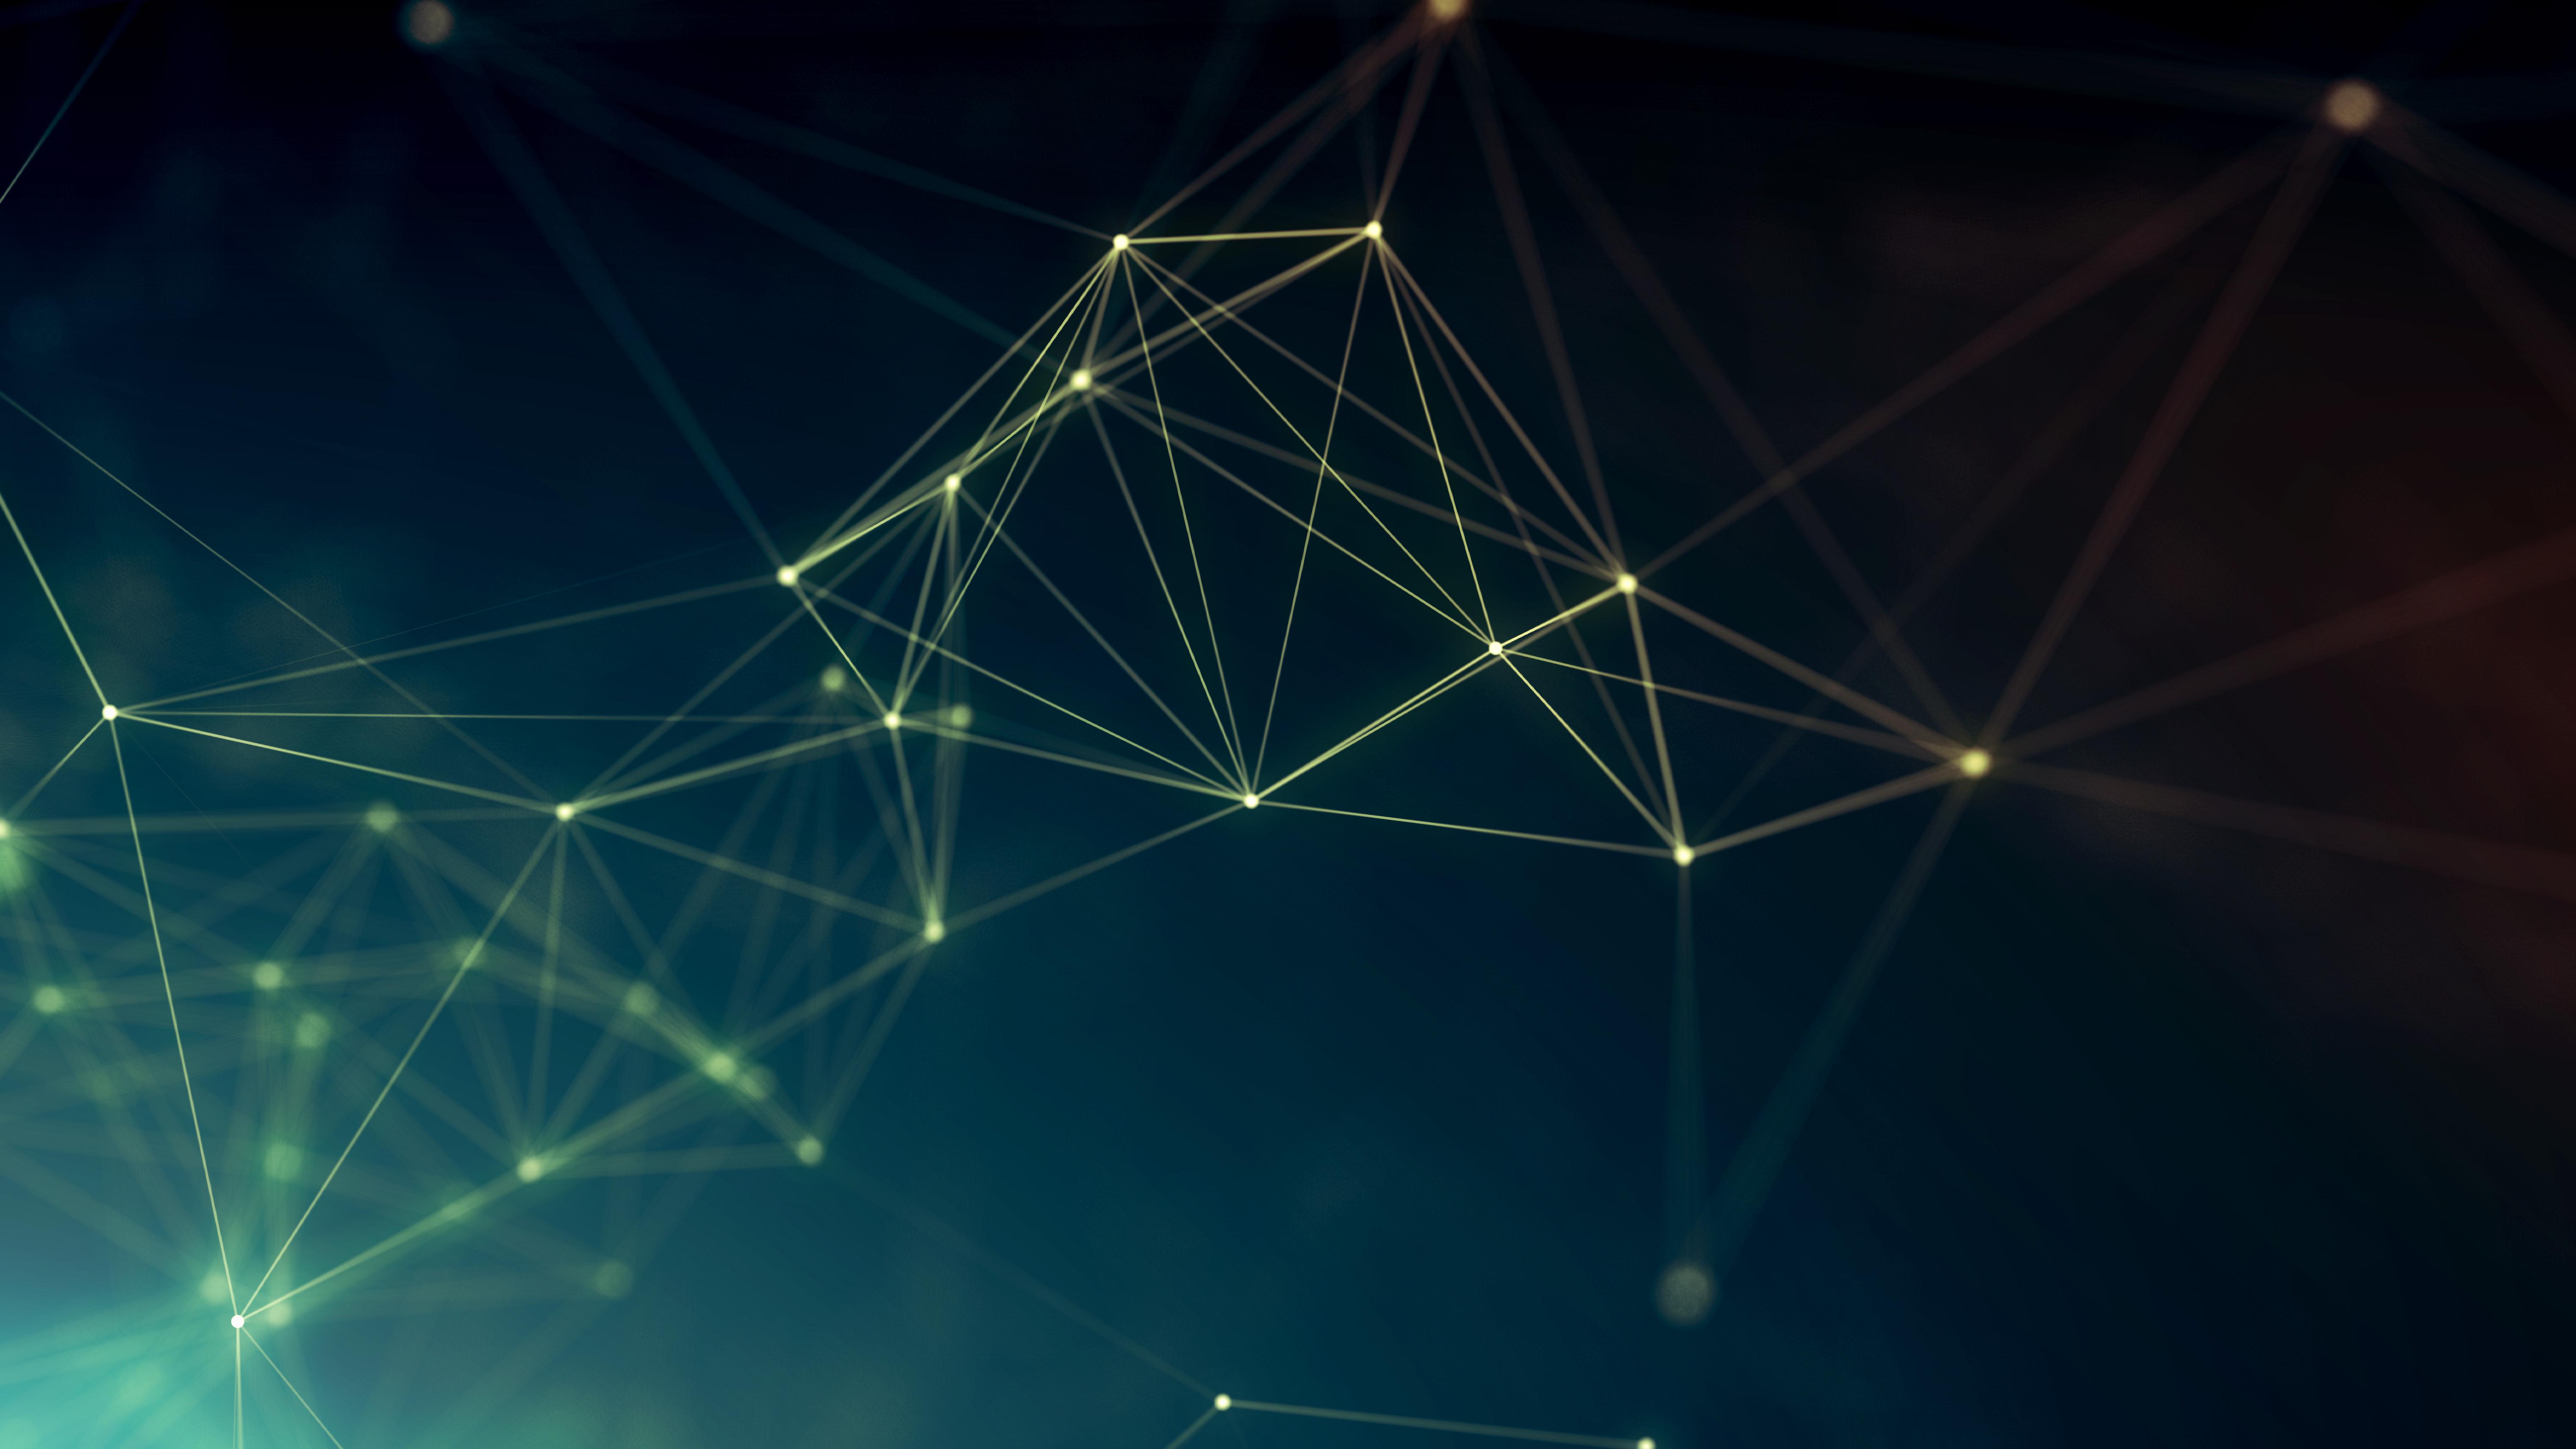 Brevi considerazioni sulla natura e sulle caratteristiche dello spazio cibernetico